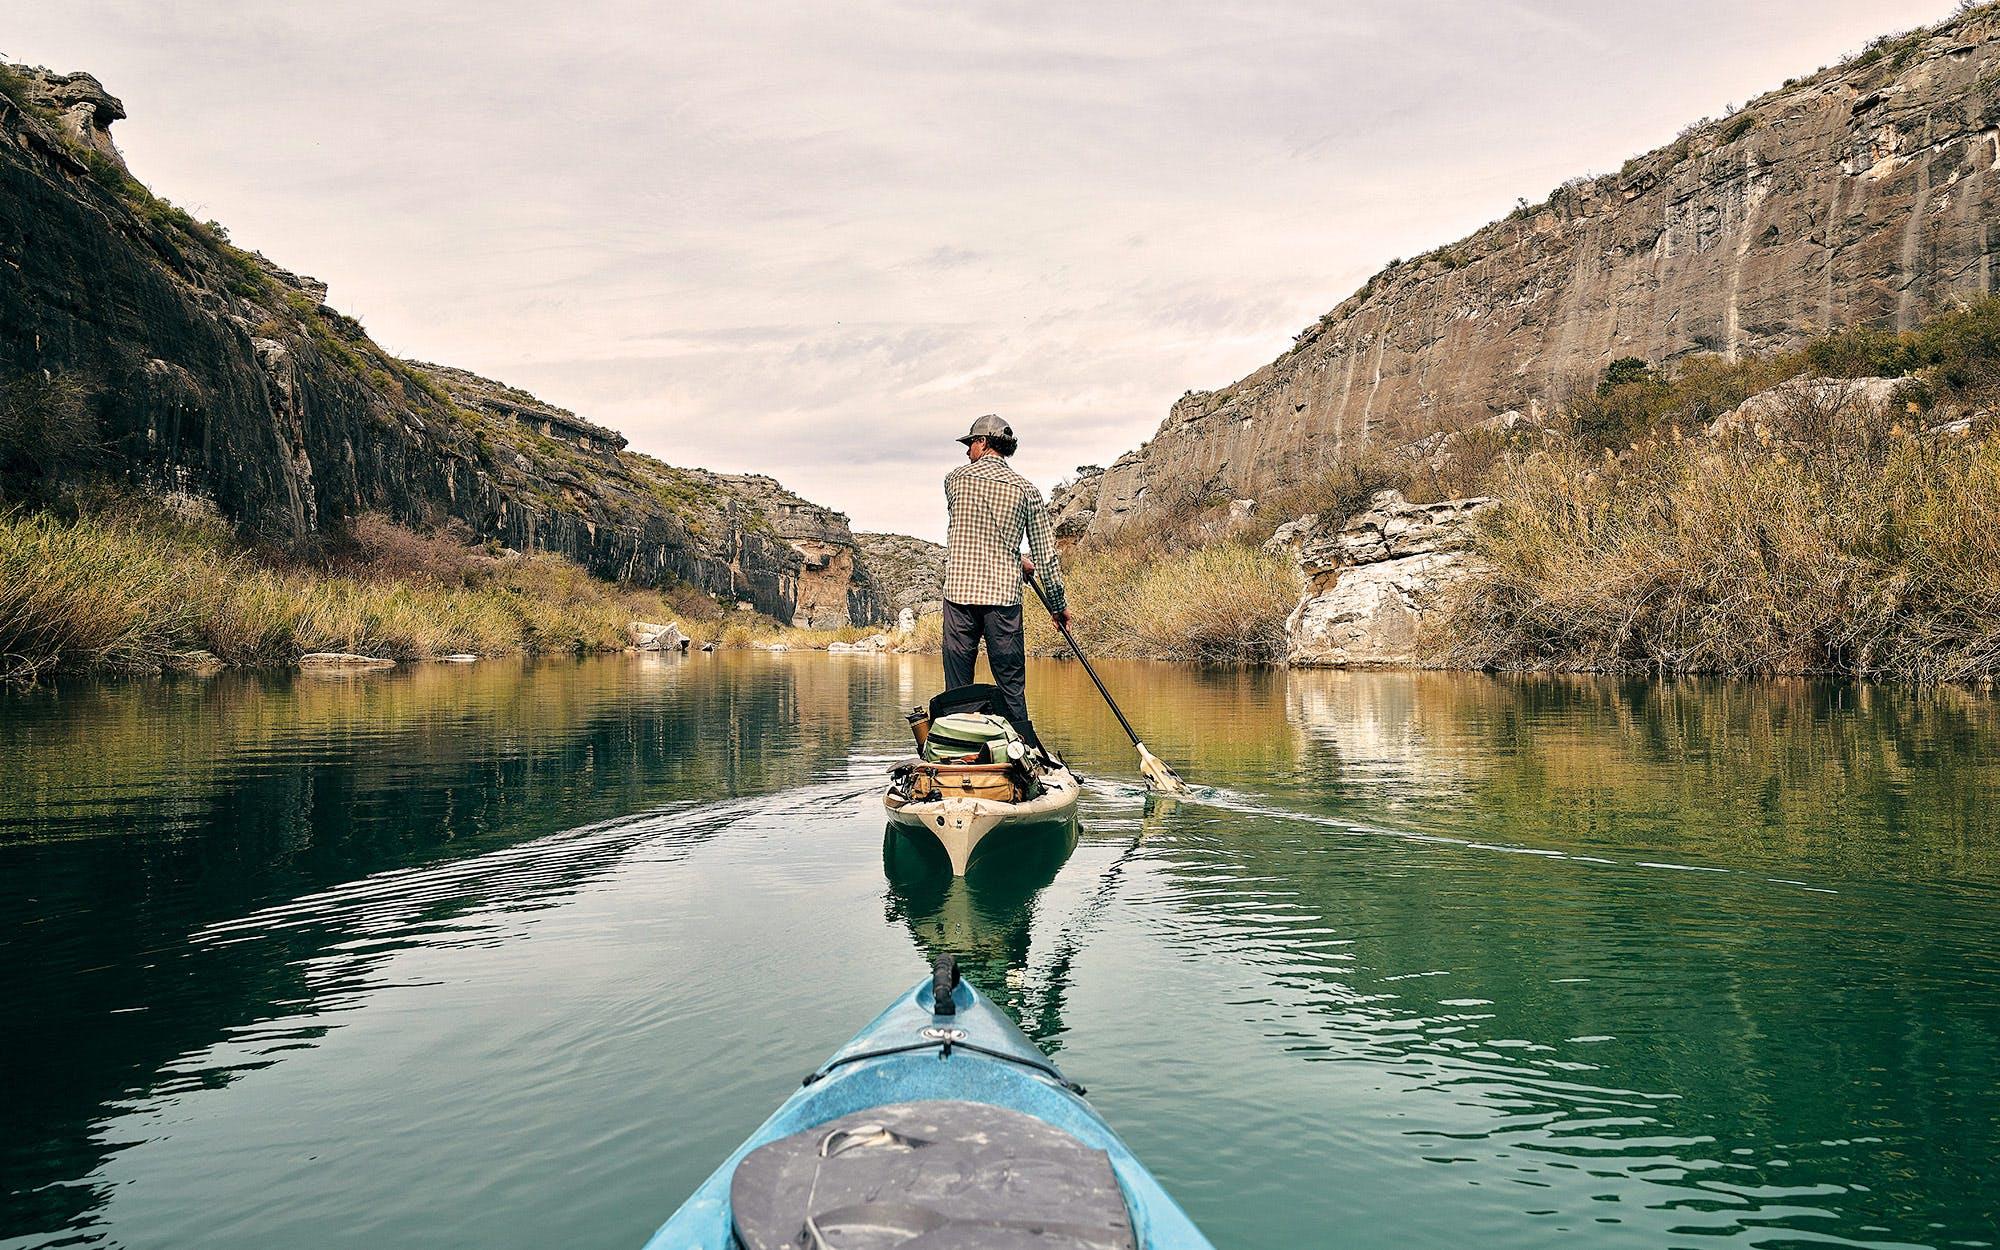 Donovan Kypke kayaking on the lower Pecos River.